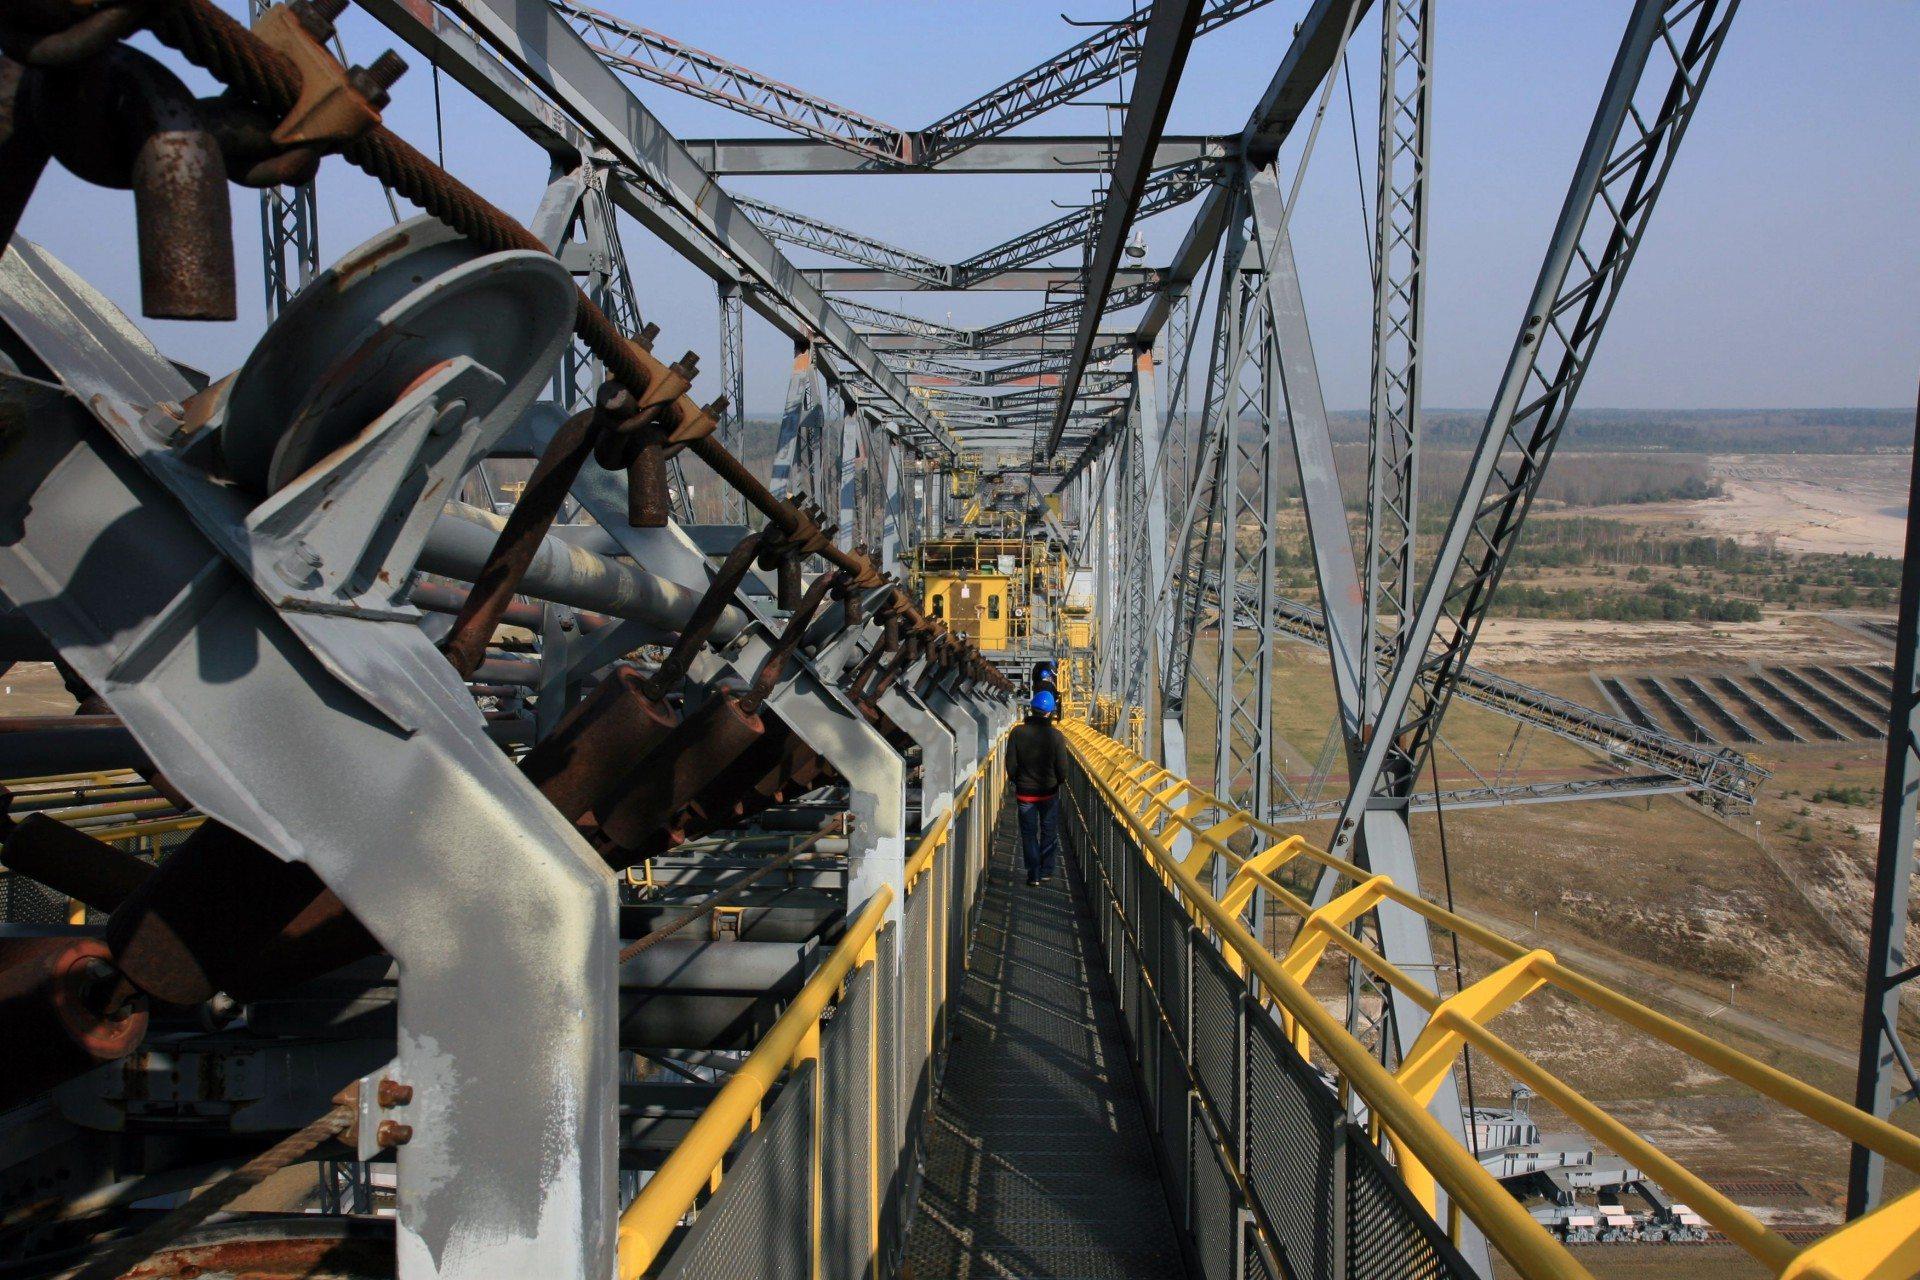 F60. 1998: Erwerb der Förderbrücke durch die Gemeinde Lichterfeld-Schacksdorf bei Finsterwalde